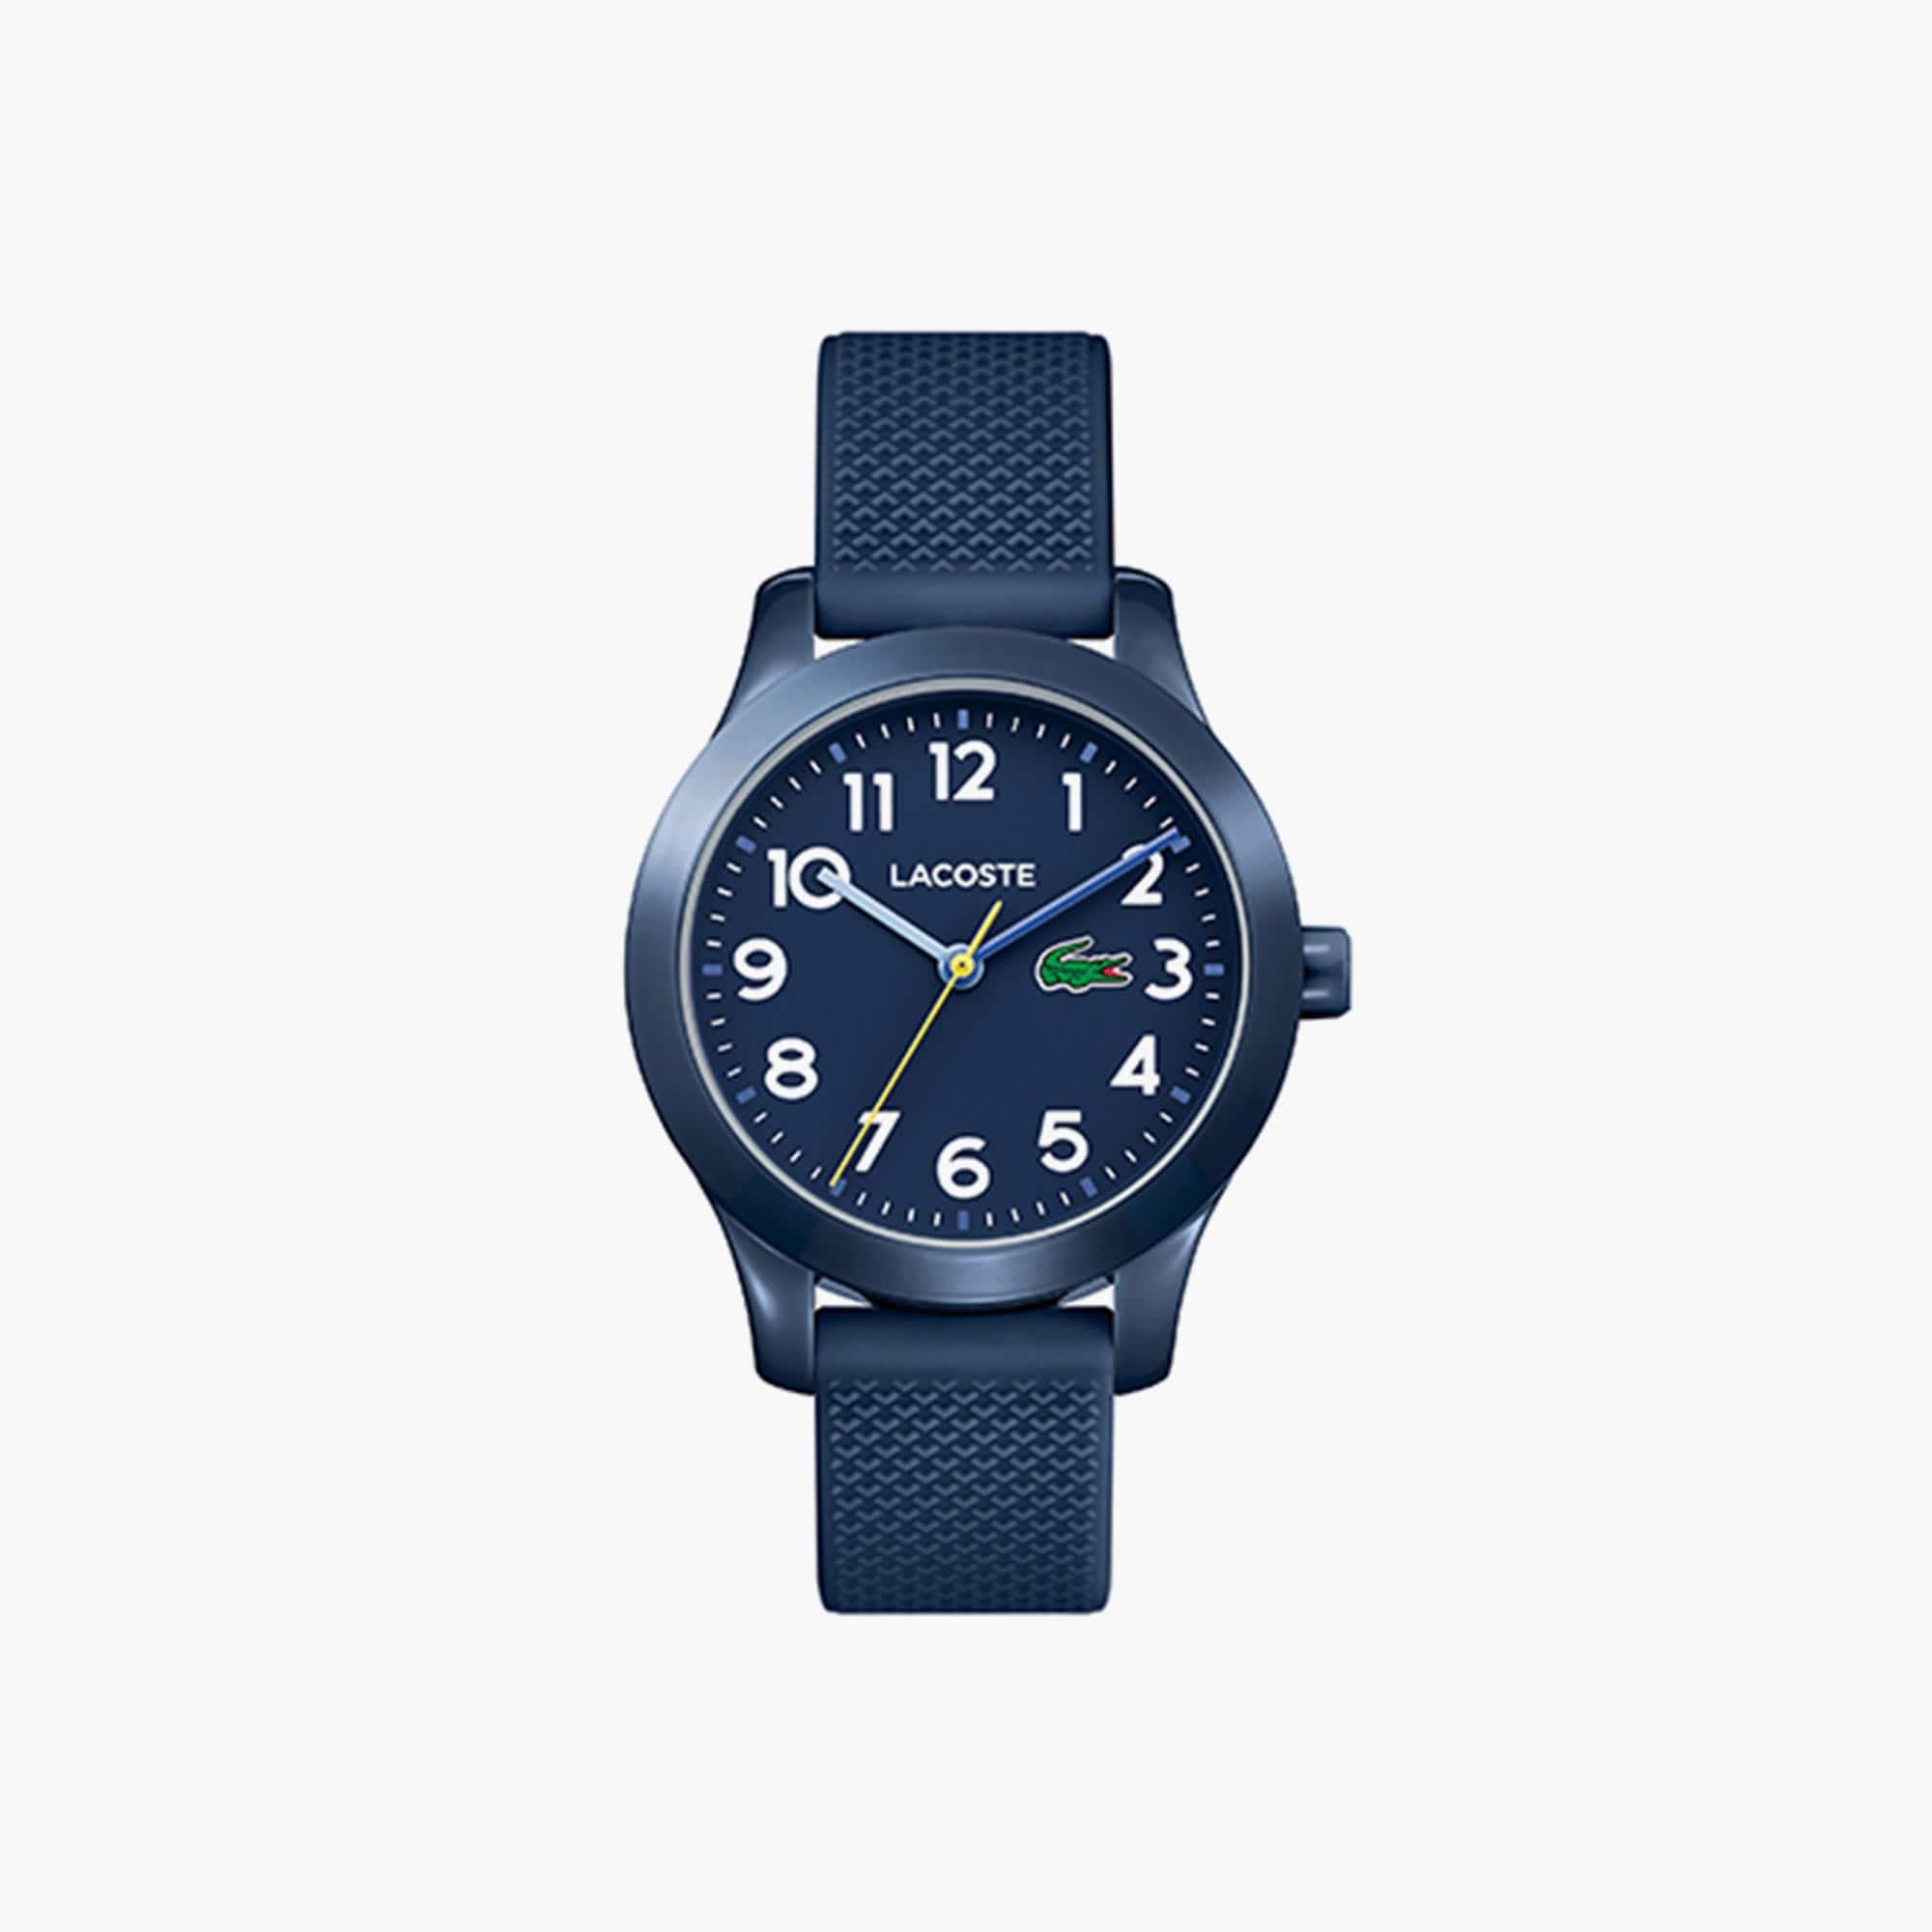 Relógio Lacoste 12.12 Criança com Bracelete em Silicone Azul